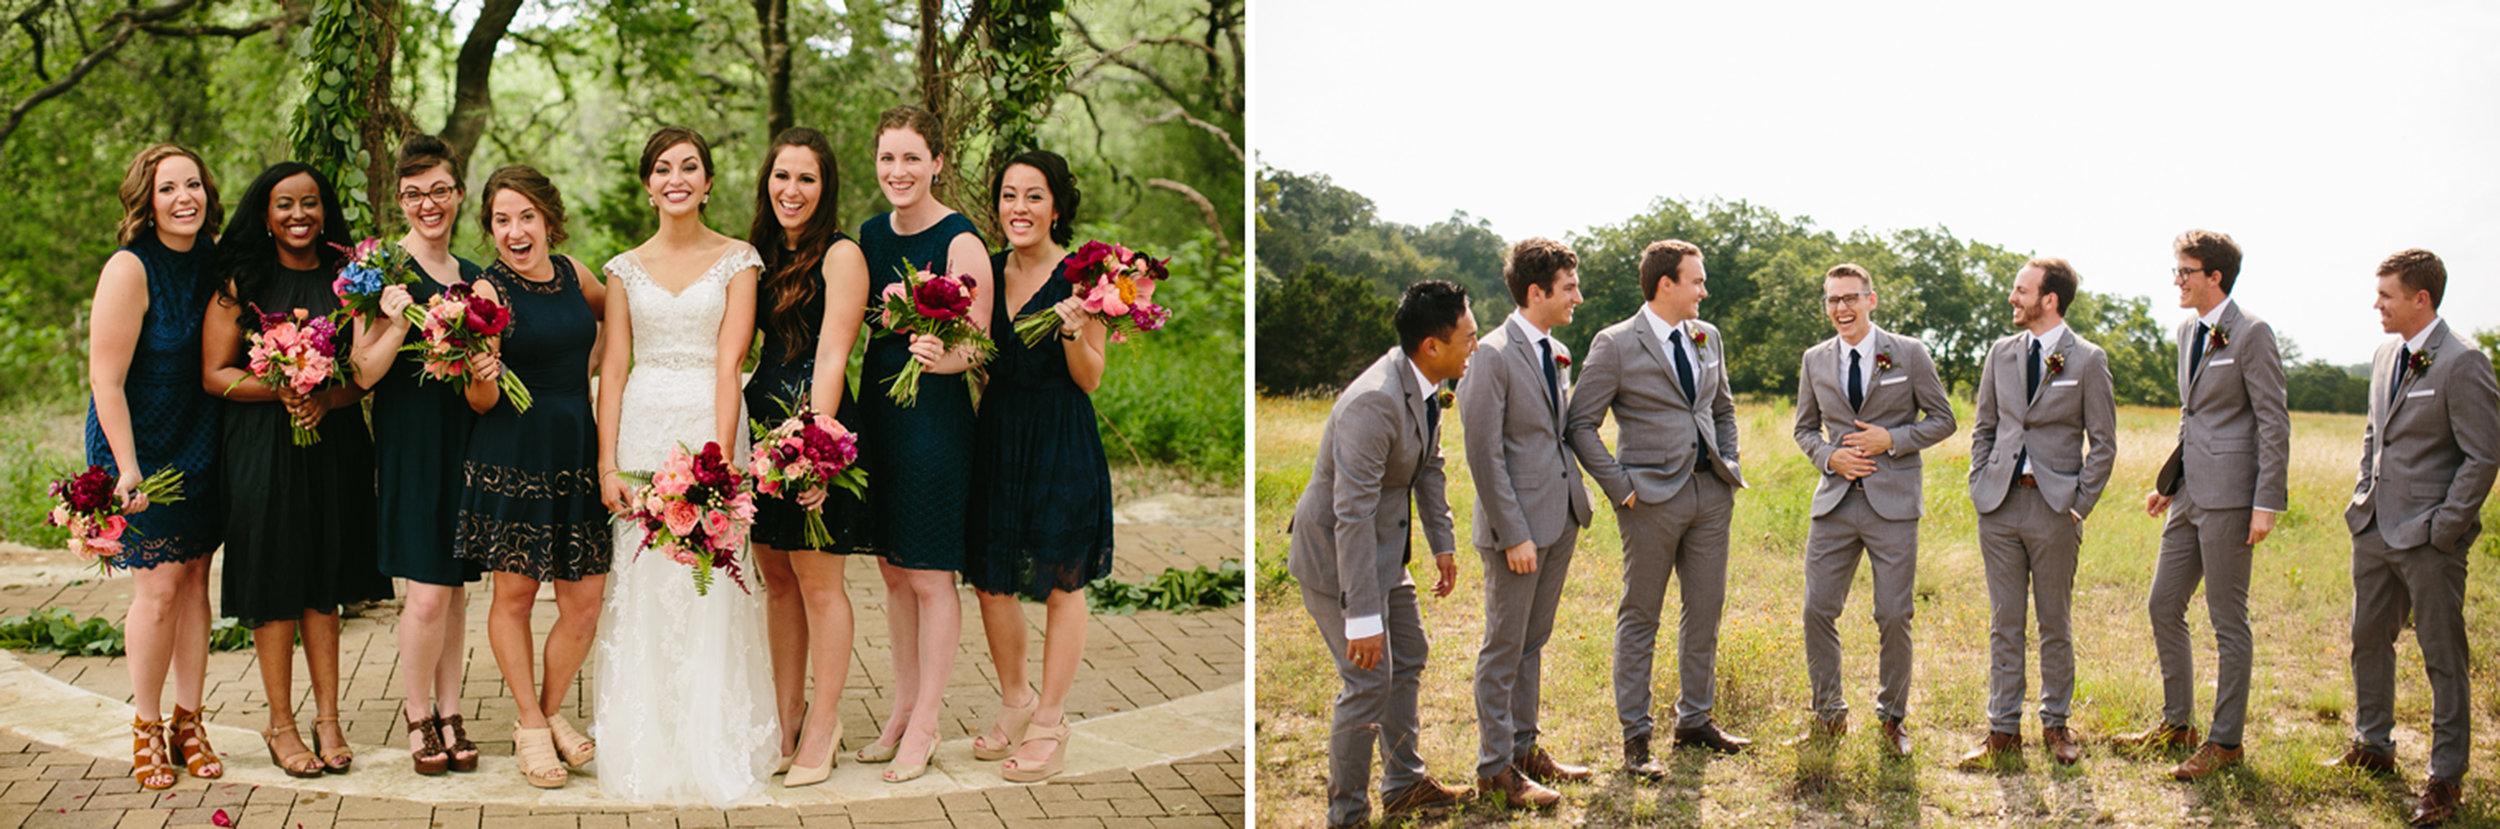 Austin_WeddingPhotographerWARRWEDDING013.jpg